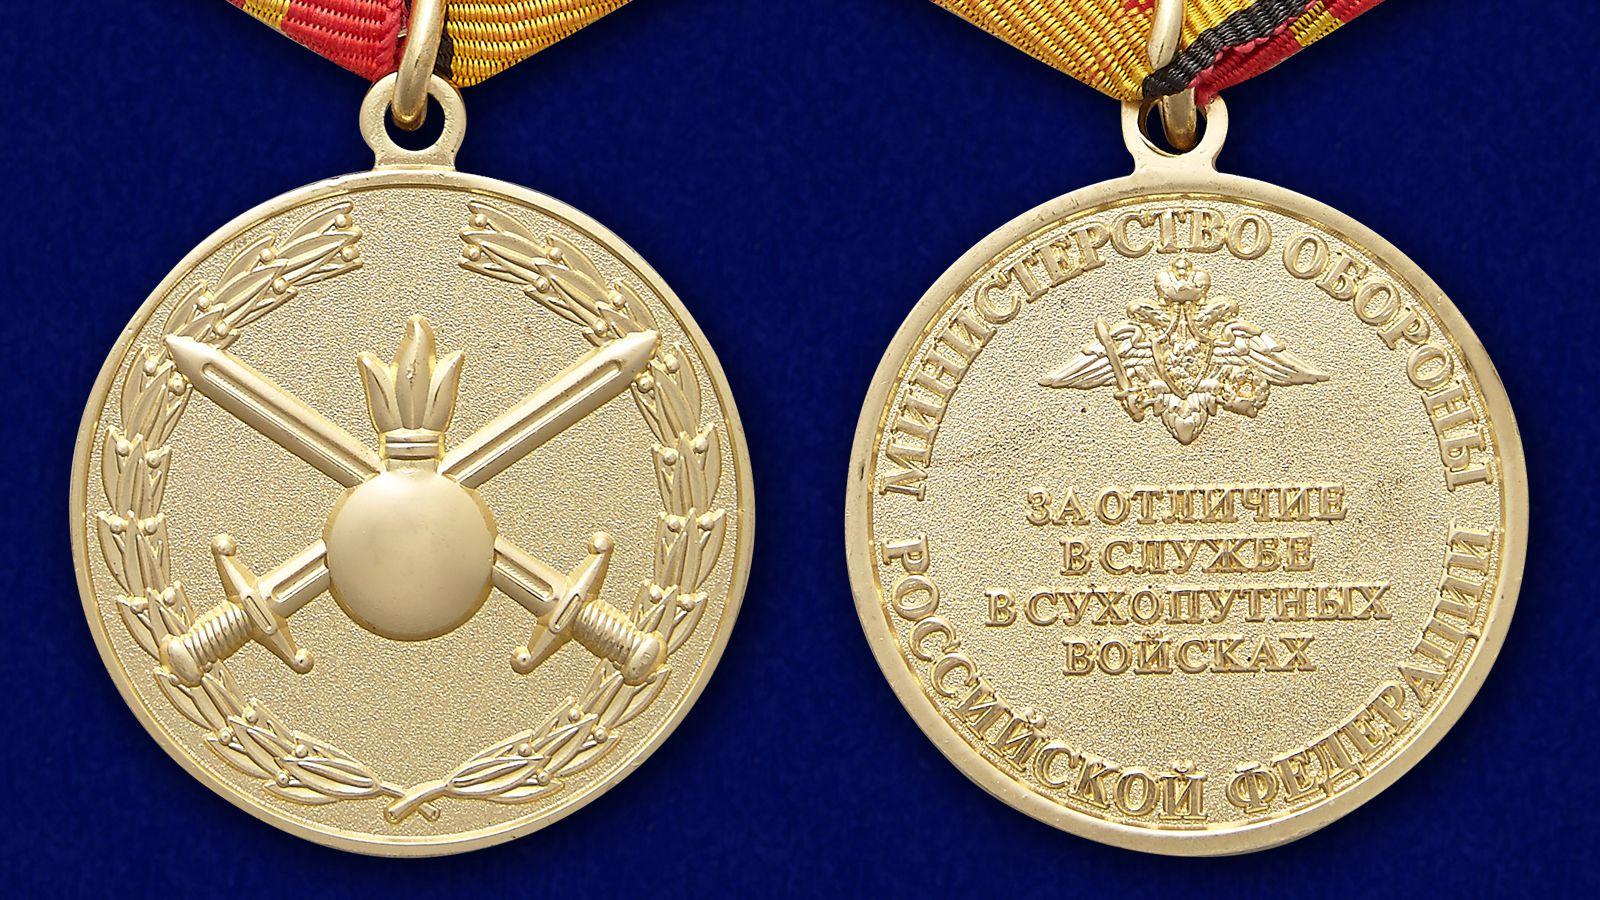 """Медаль """"За отличие в службе в Сухопутных войсках"""" - аверс и реверс"""